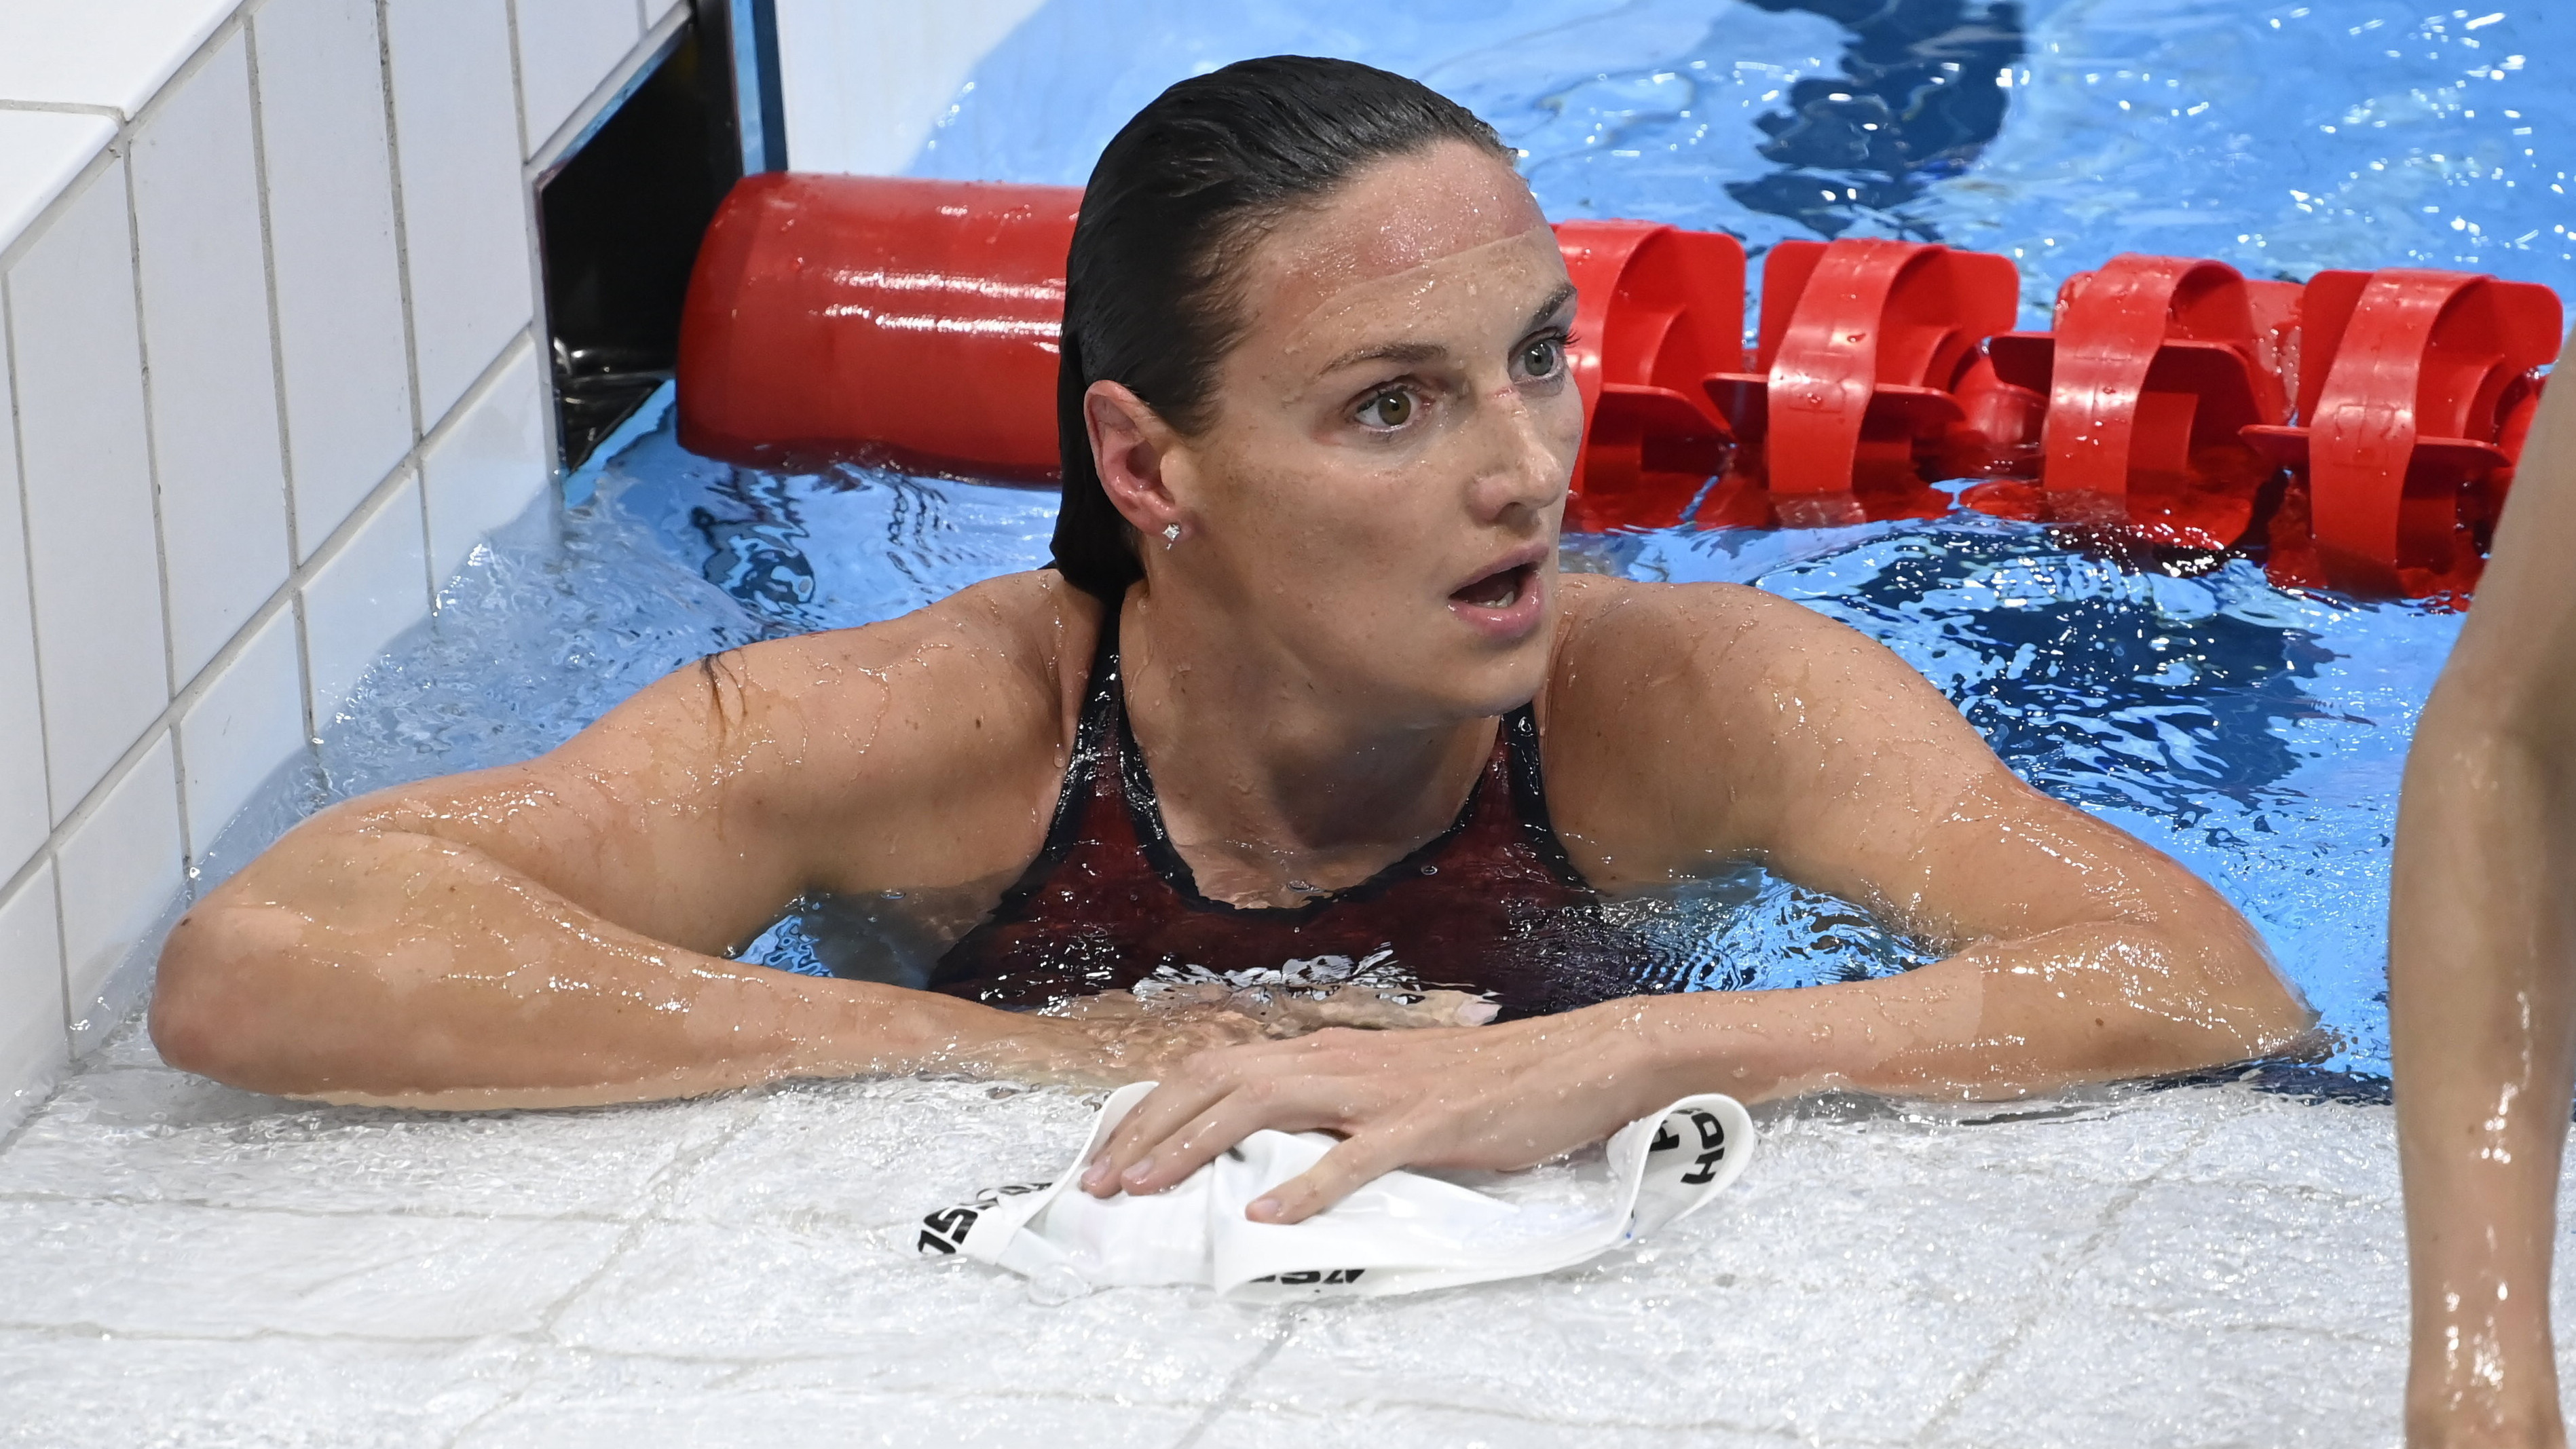 Pontszerző nap az olimpián